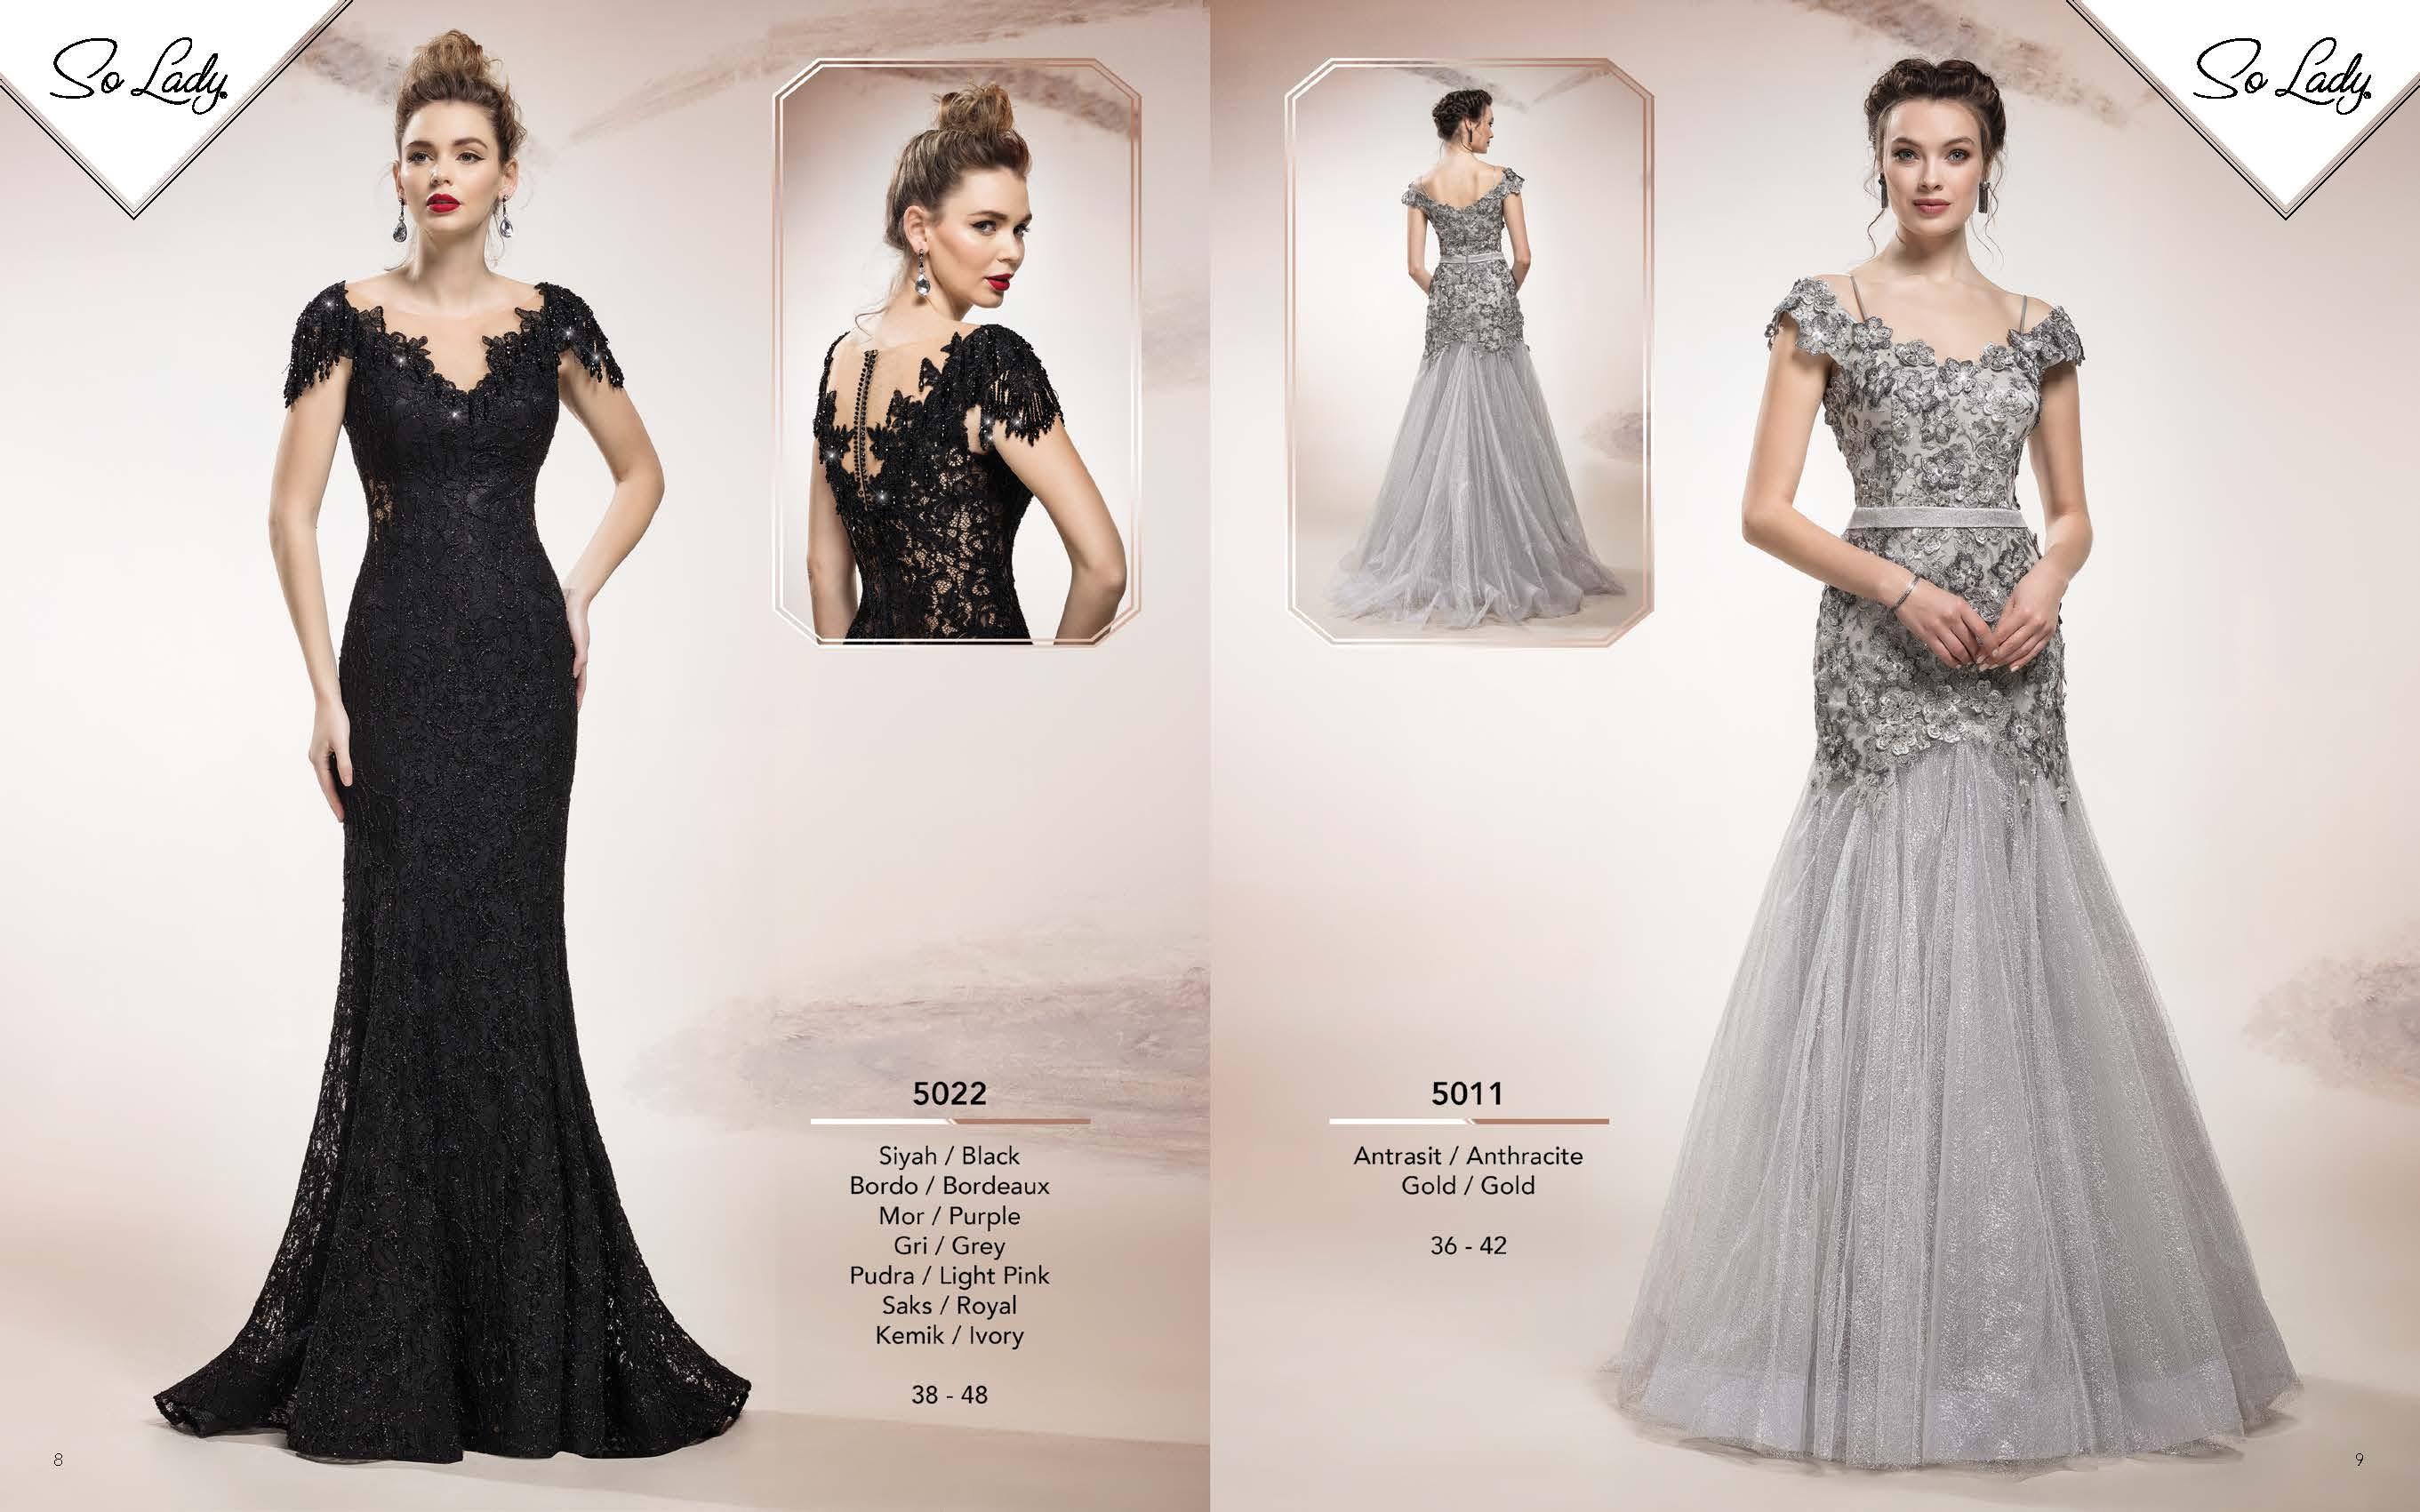 separation shoes 0ba2f 5ff25 Abendkleider - Eleganz Braut- und Abendmode